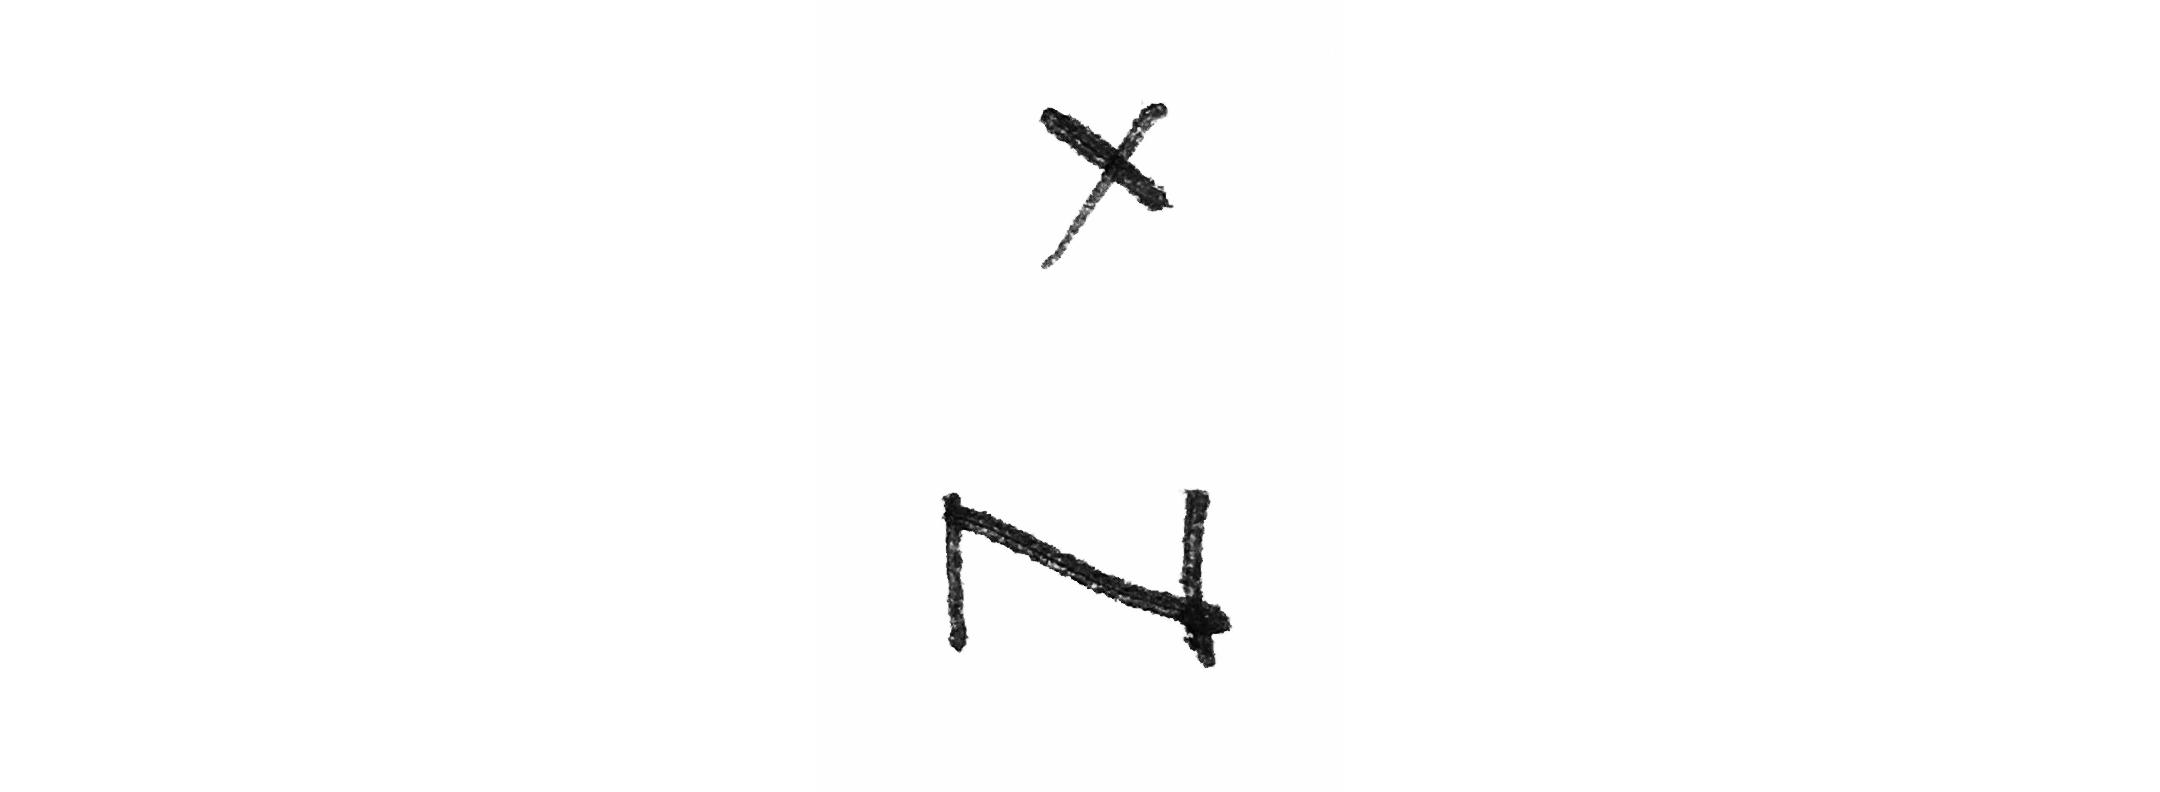 x n.jpg